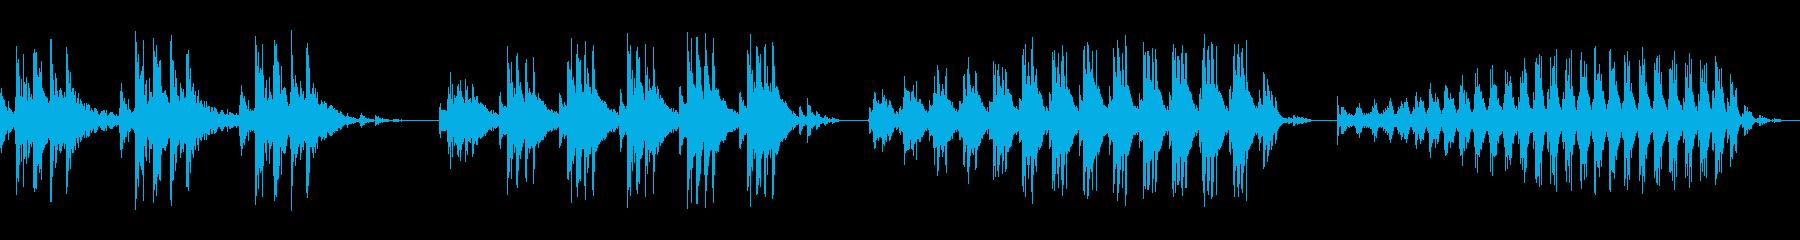 パルス、ロー、ダーク、スイープ、ム...の再生済みの波形